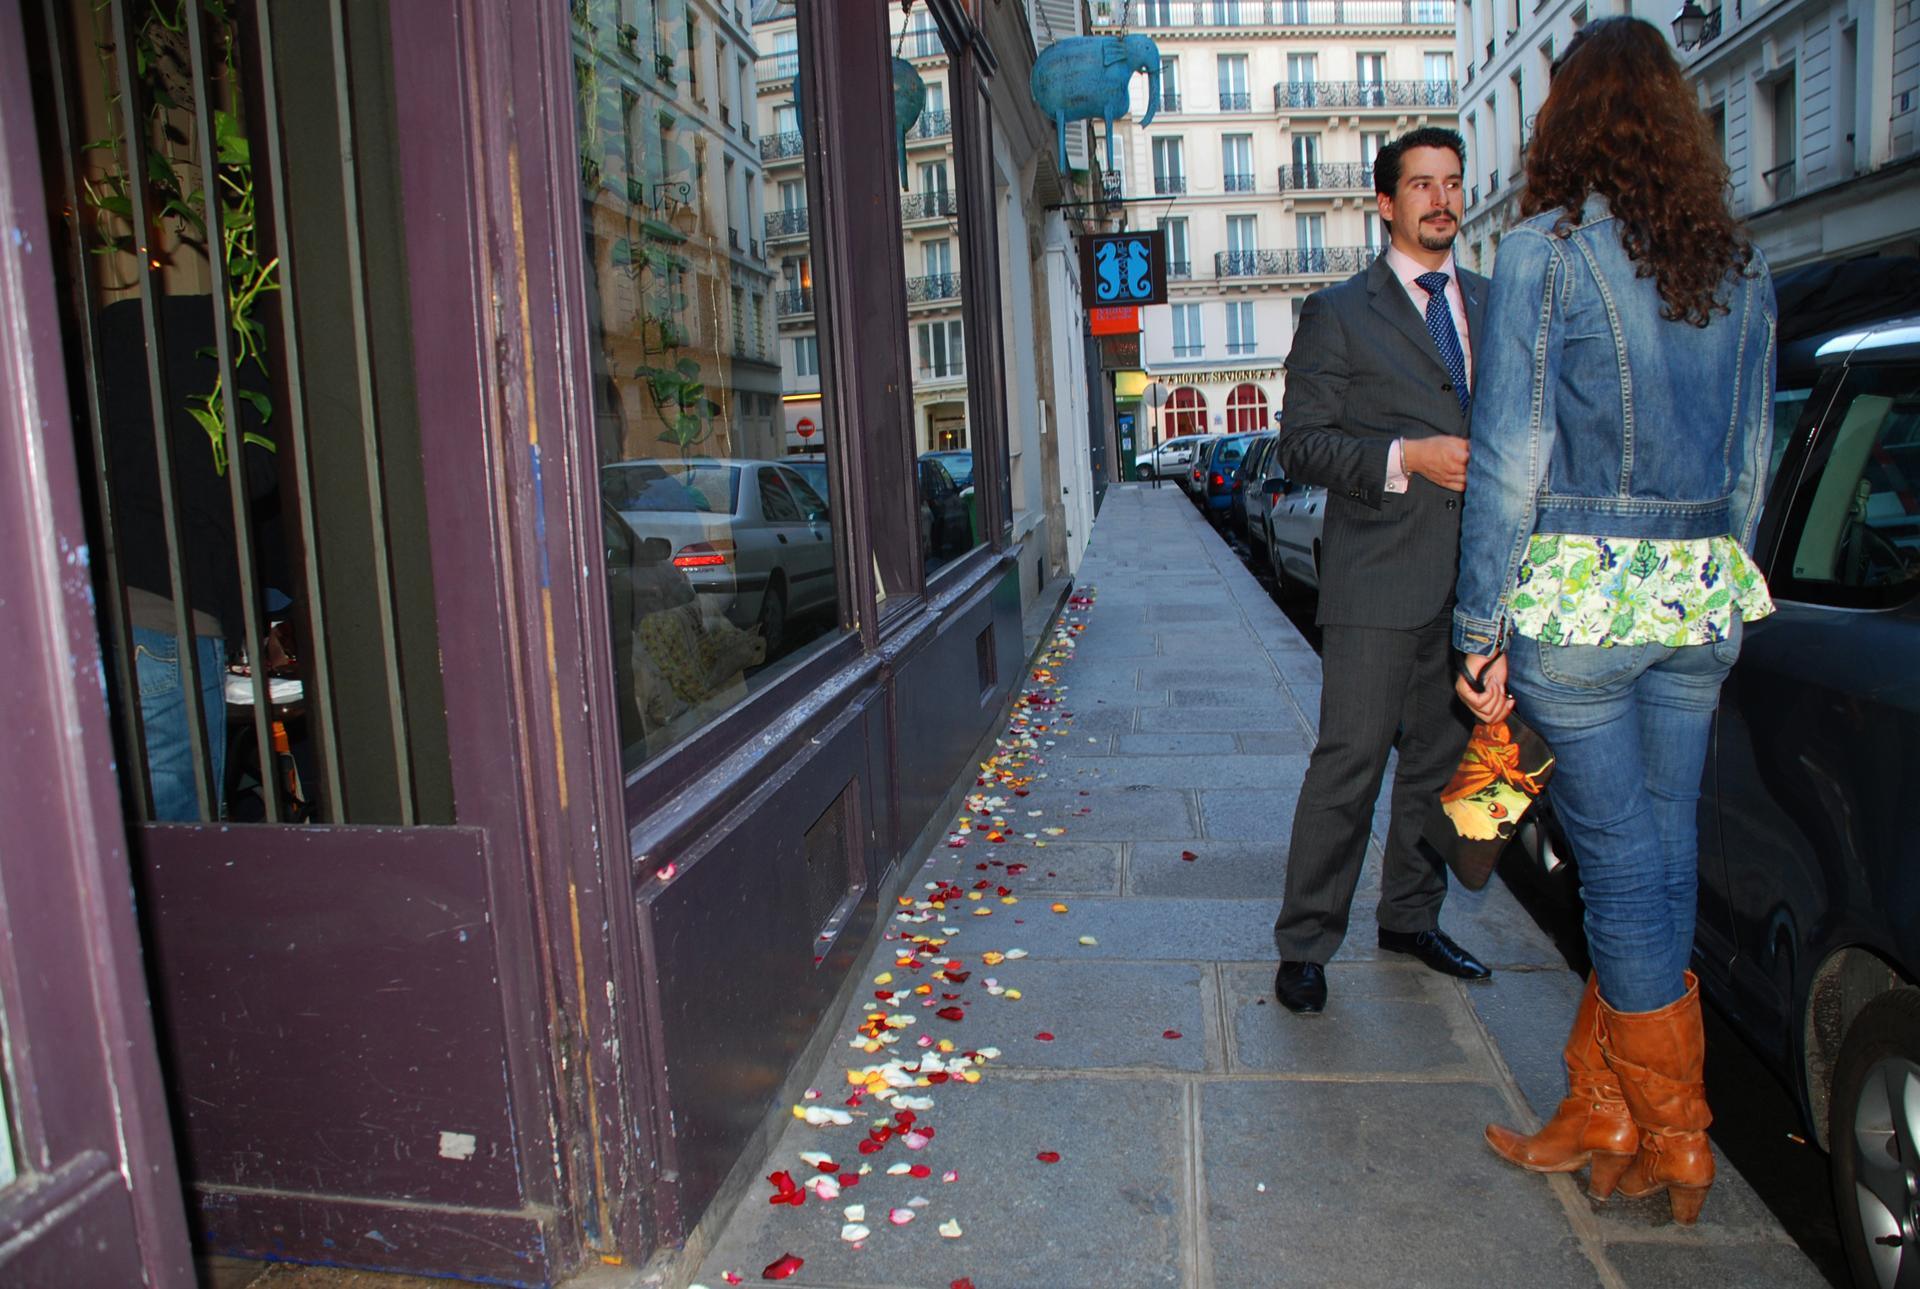 פגישה - paris- יואל שתרוג - אדמה יוצרת- אהבה